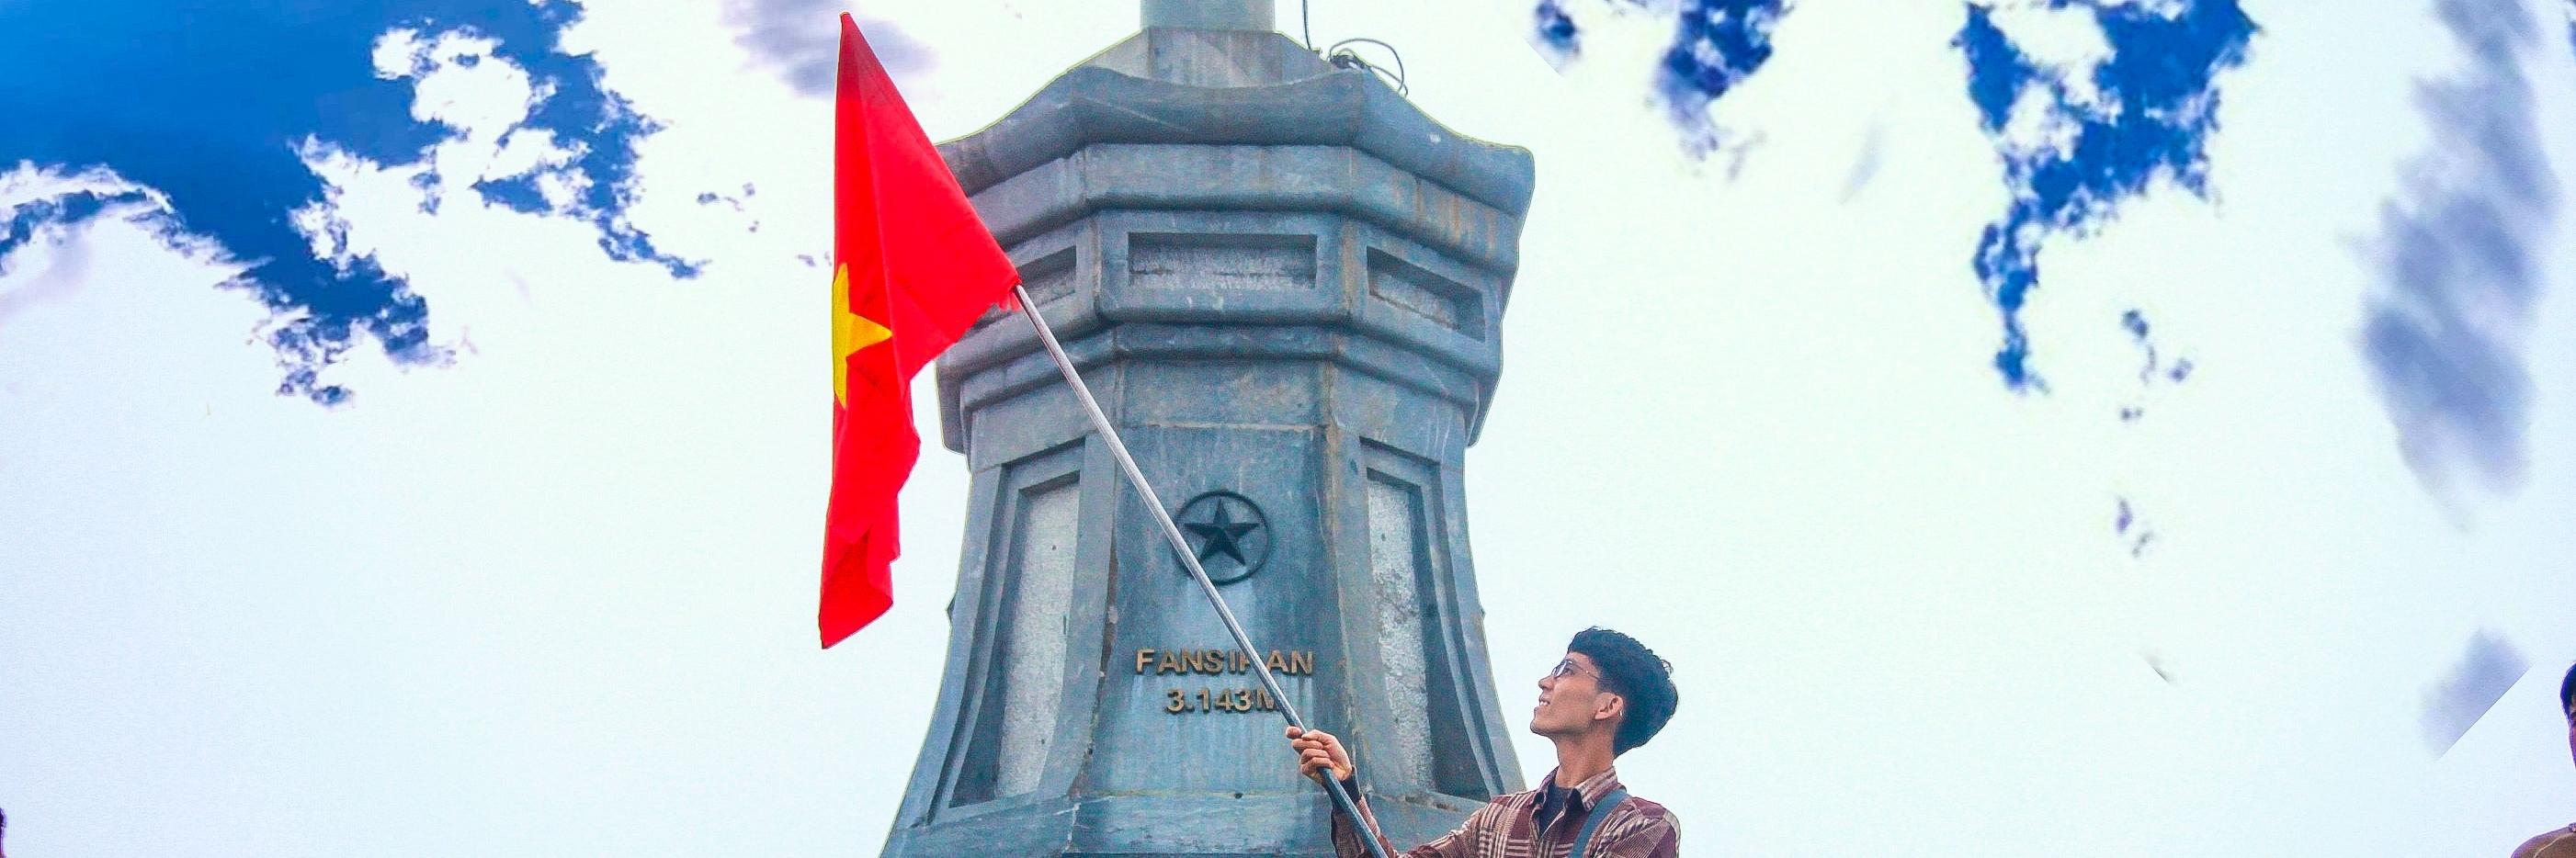 https://gody.vn/blog/viettun19967963/post/sapa-mot-minh-lang-thang-nhung-khong-di-lac-p2-6178